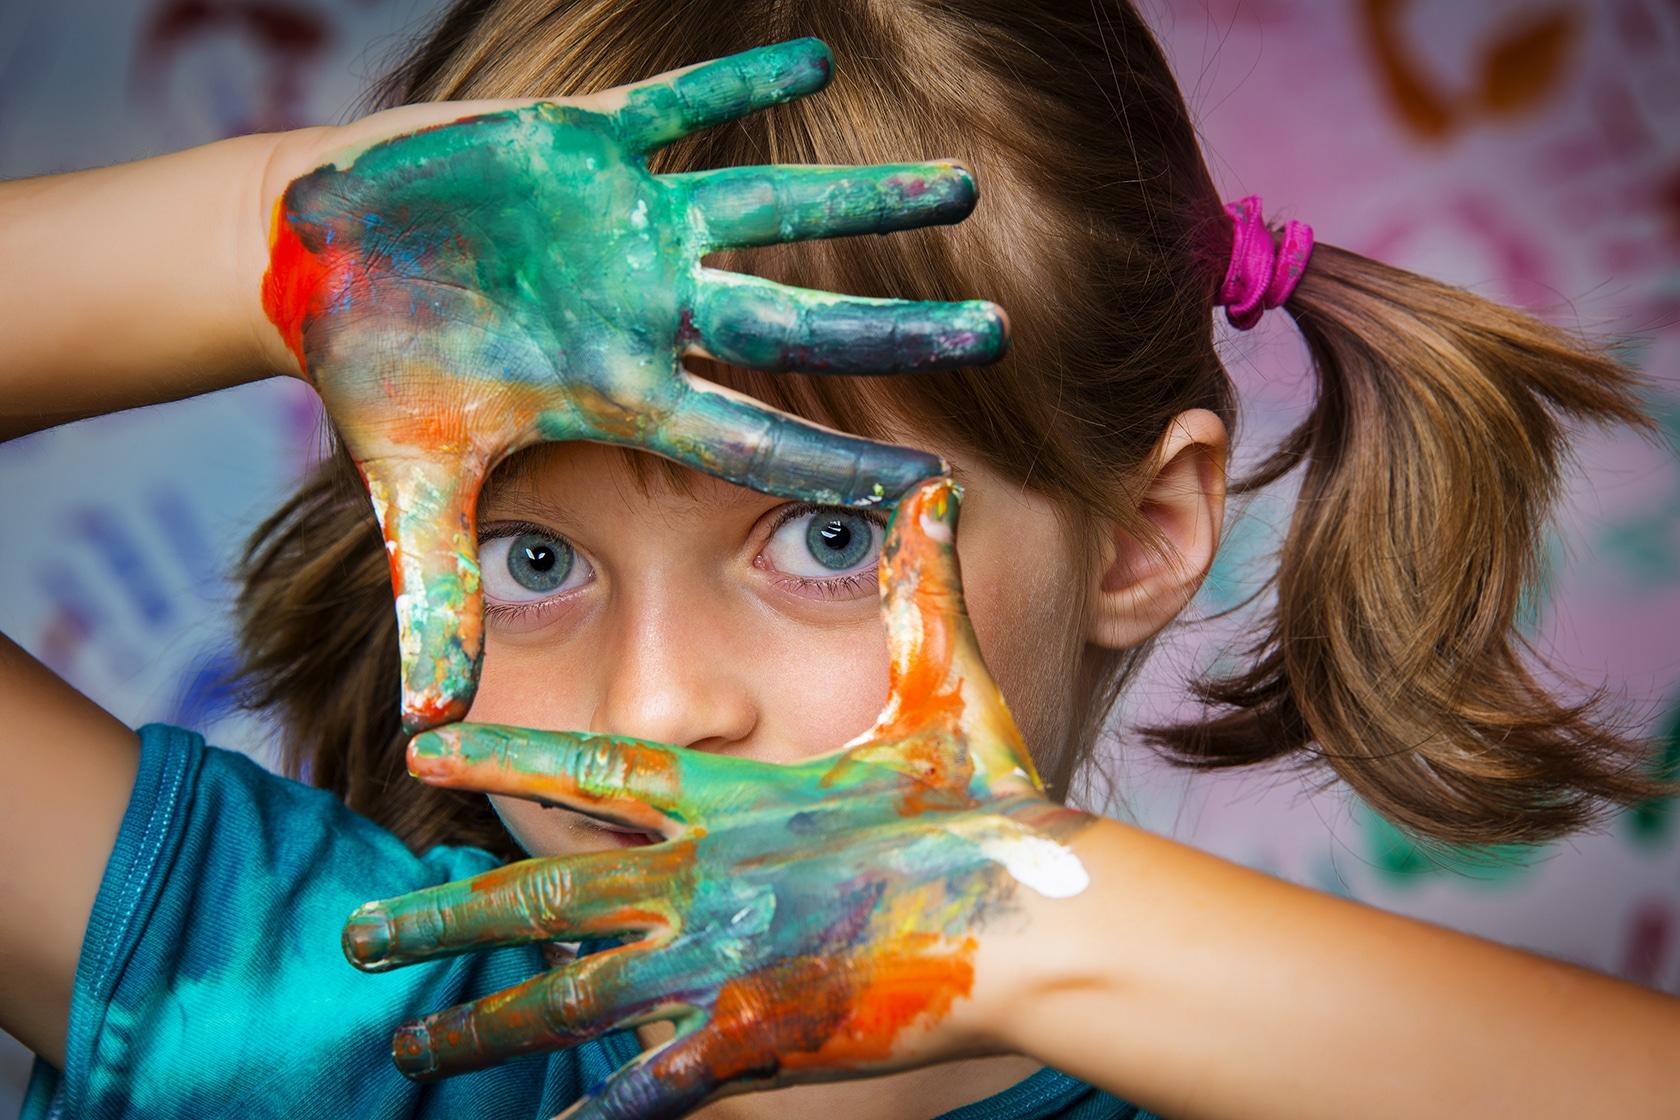 Les ateliers et les activités - Enfant peint avec les mains - École Expérimentale de Bonneuil